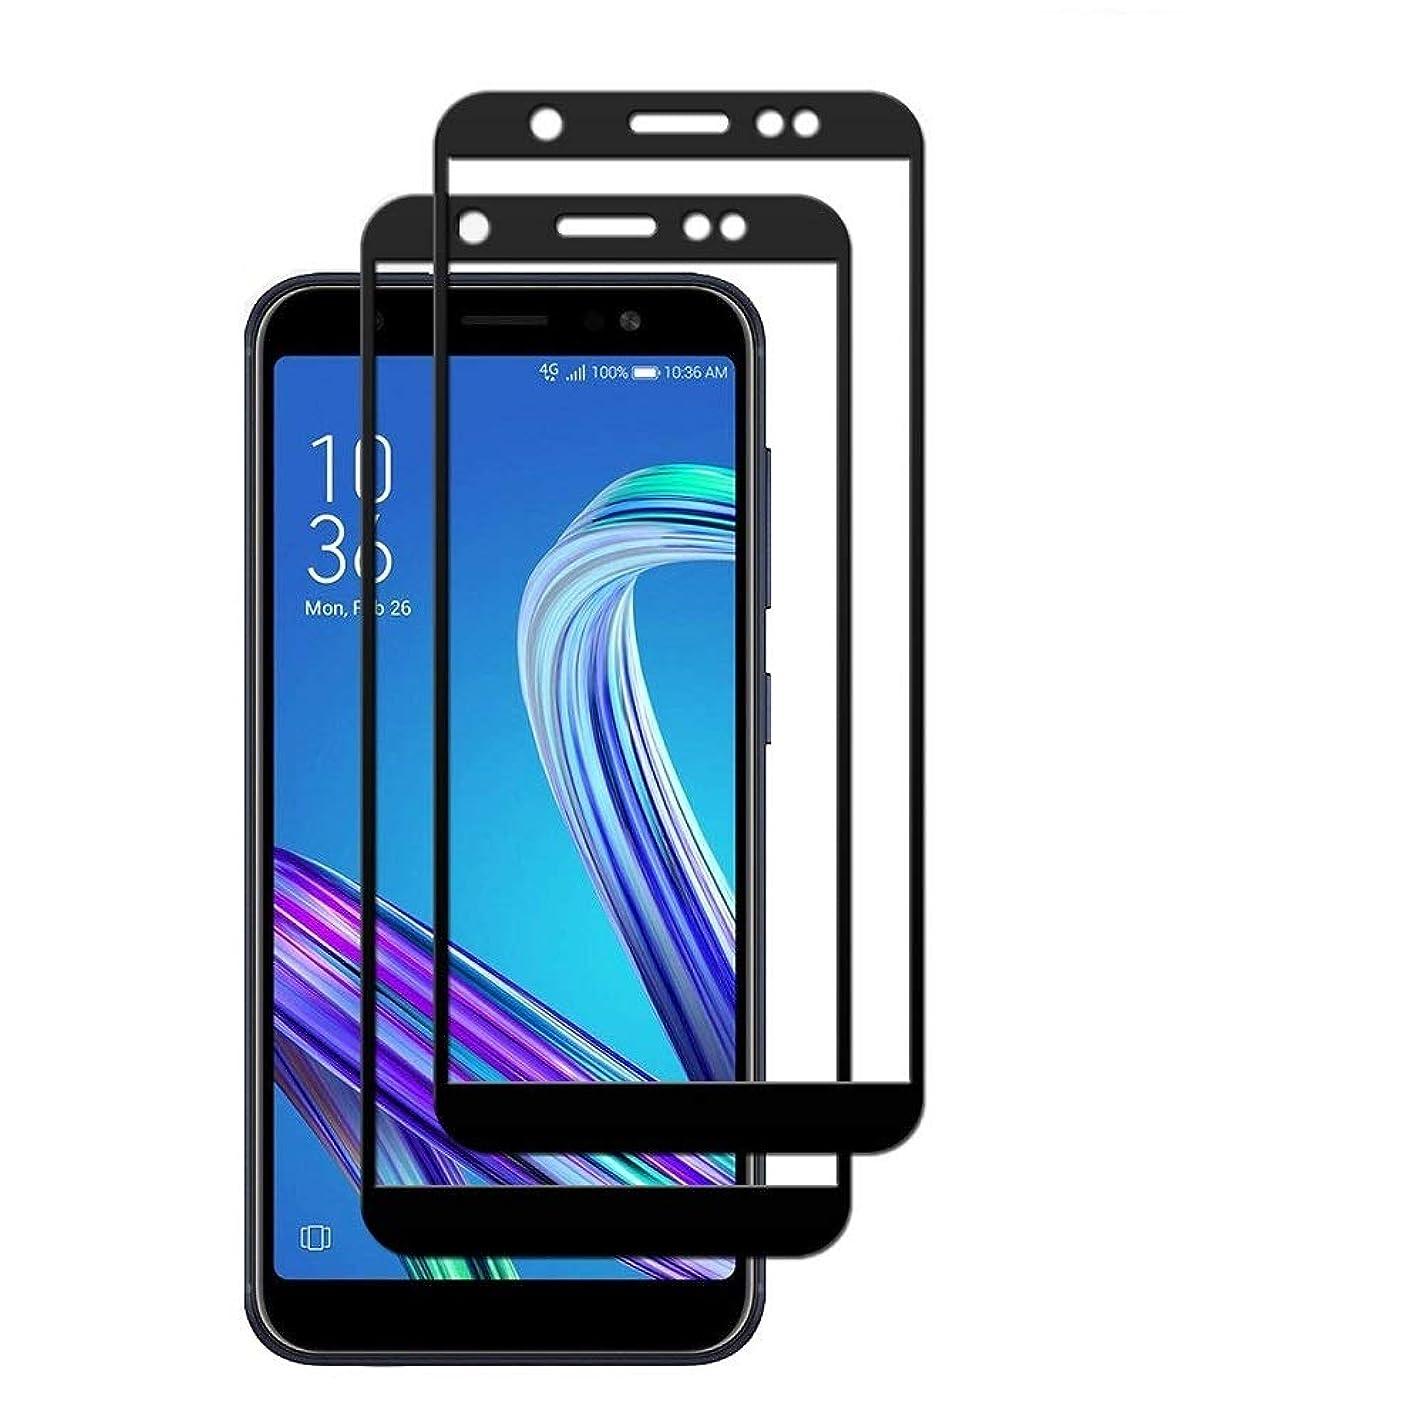 栄養節約きれいに【2枚セット】Asus Zenfone Max M1 ZB555KLガラスフィルム 【2019先端技術】Asus ZB555KL強化ガラスフィルム 硬度9H 薄さ0.26mm 99%高透過率 高タッチ感 指紋防止 クリア 耐衝撃 Zenfone Max M1 ZB555KL 液晶保護ガラスフィルム【ZB555KL】-ブラック